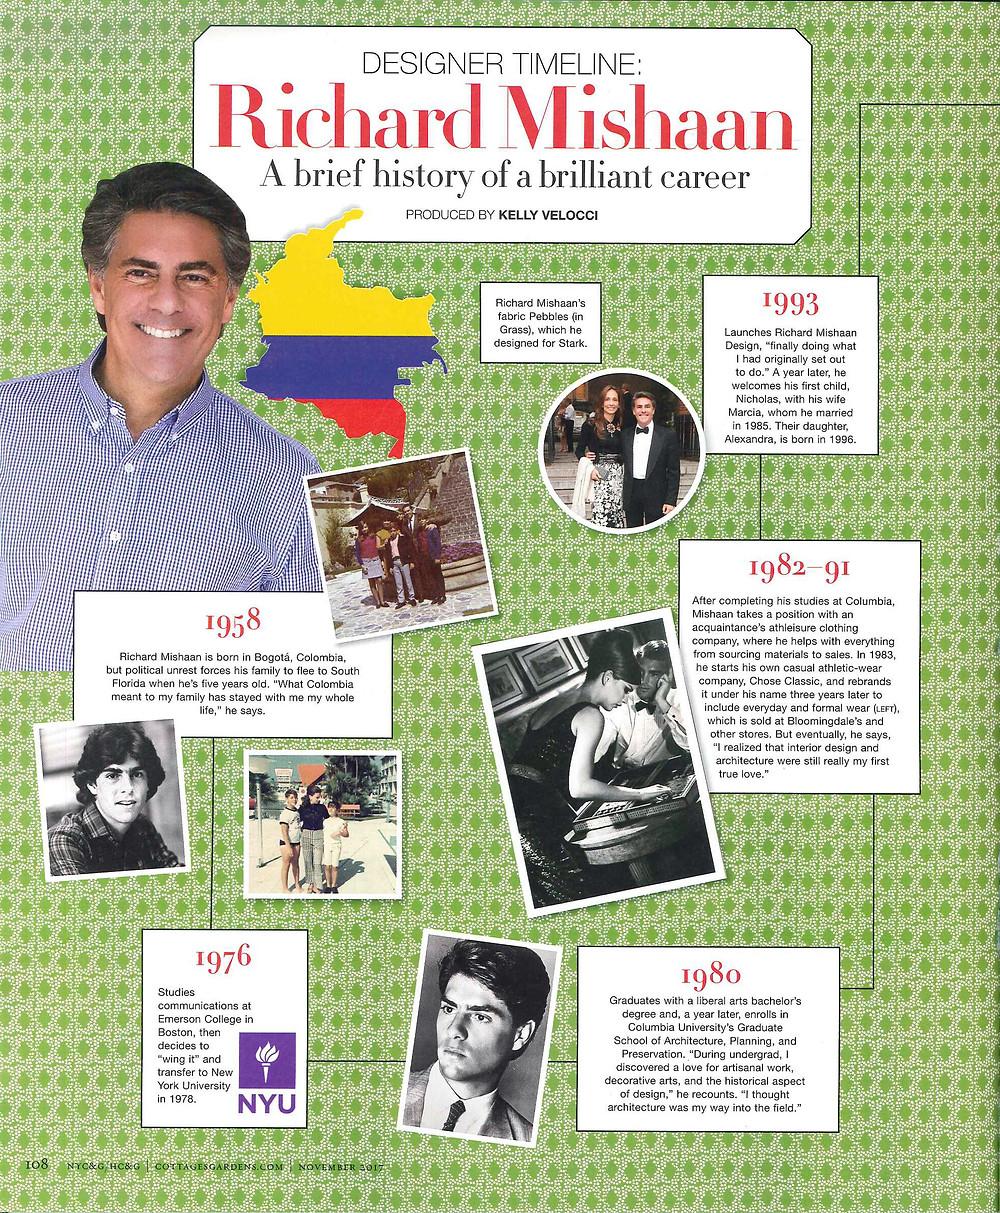 Richard Mishaan